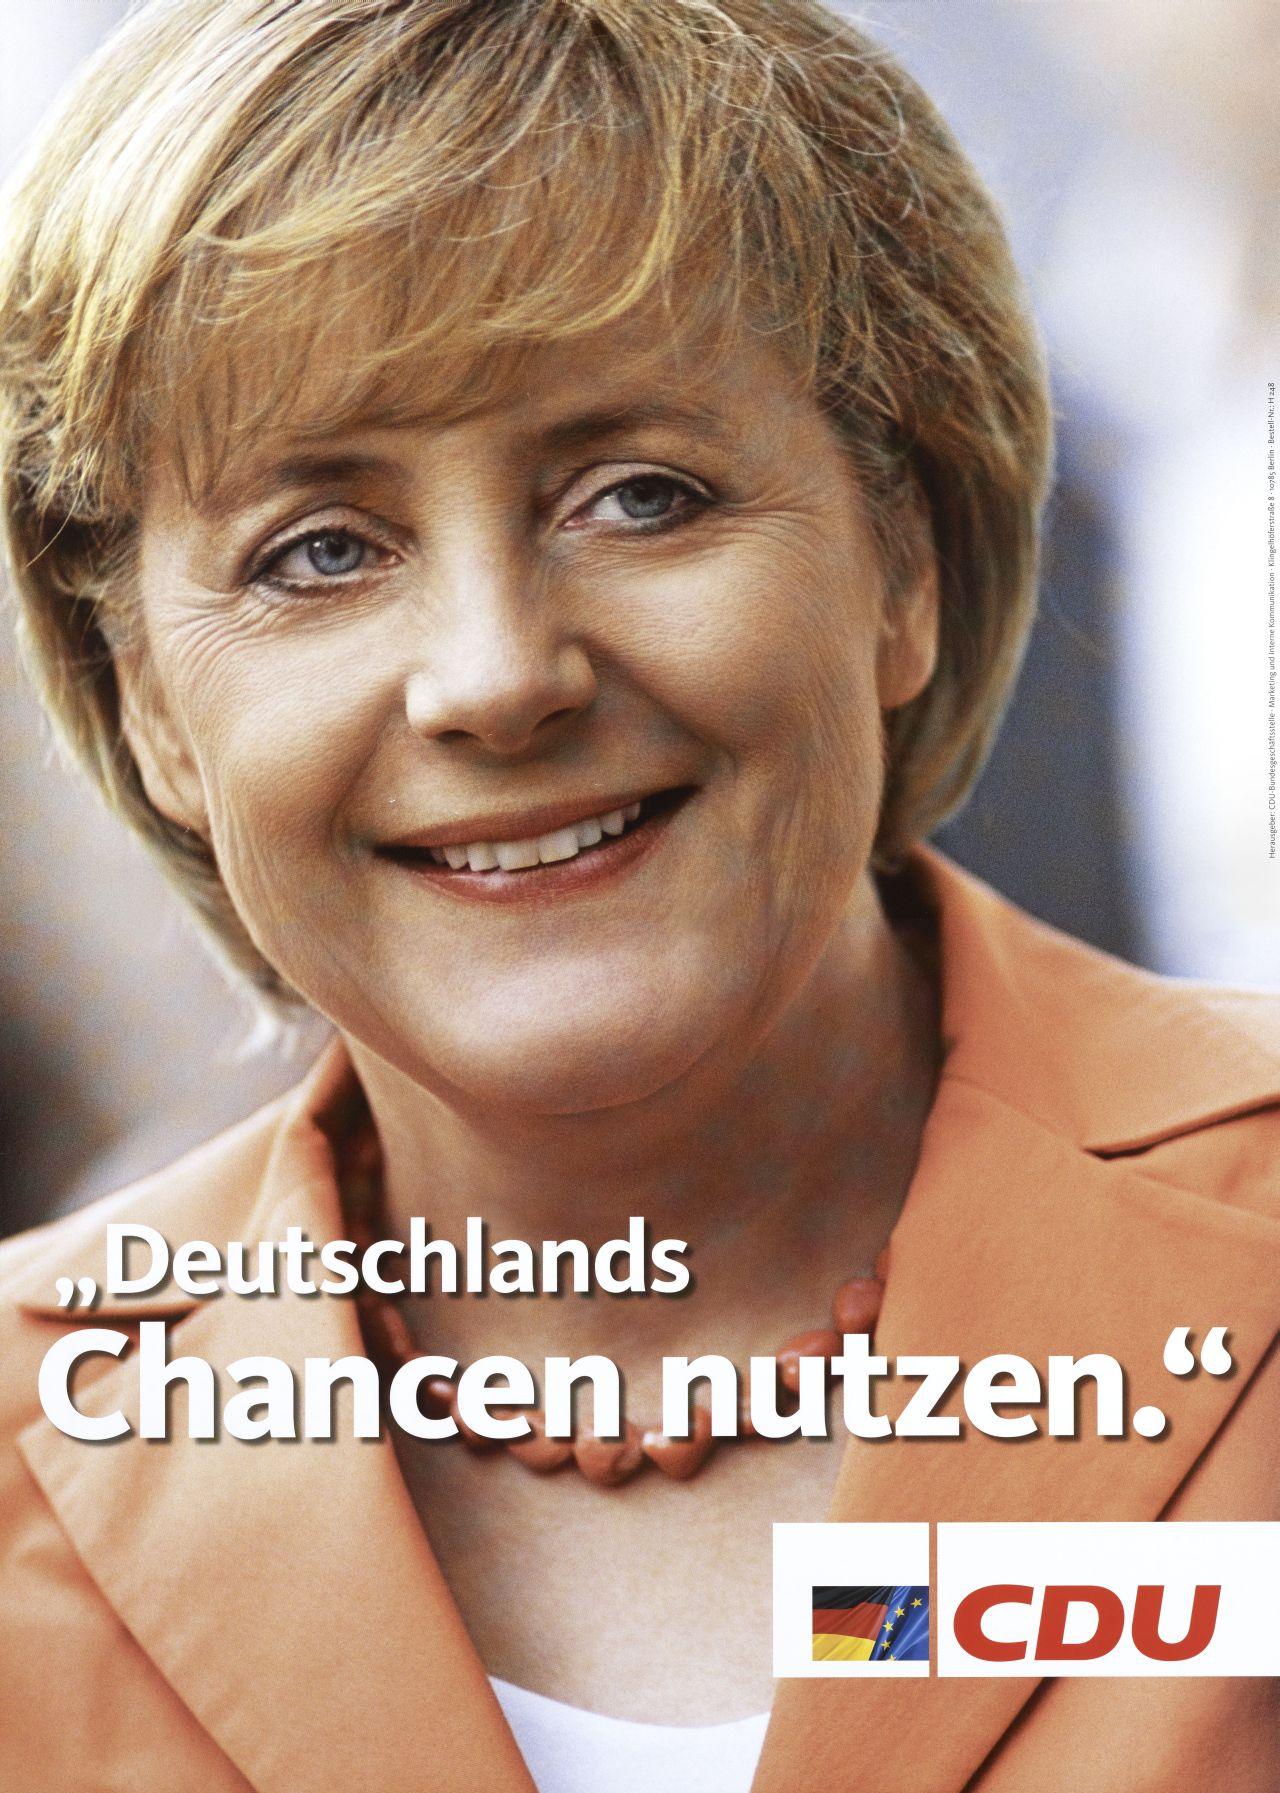 """LeMO Objekt Wahlplakat """"Deutschlands Chancen Nutzen"""" CDU 2005"""